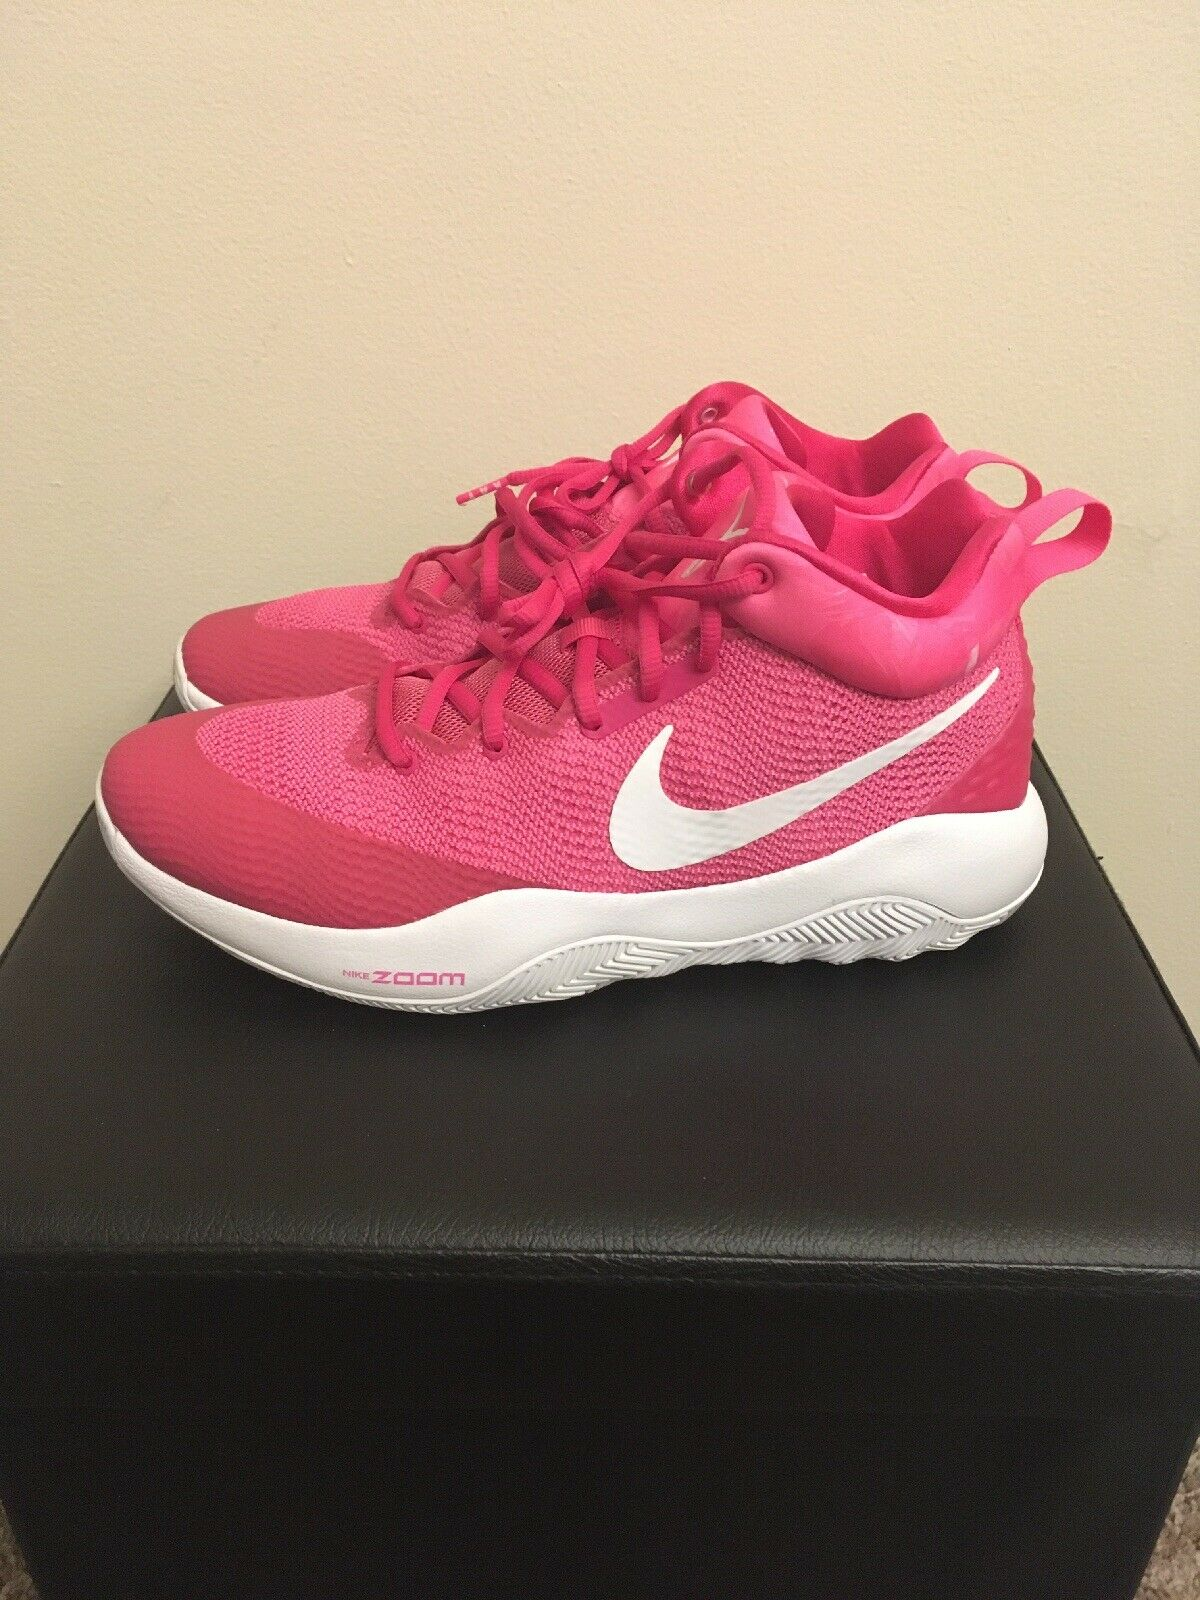 Nike Womens Zoom Rev Basketball Shoes